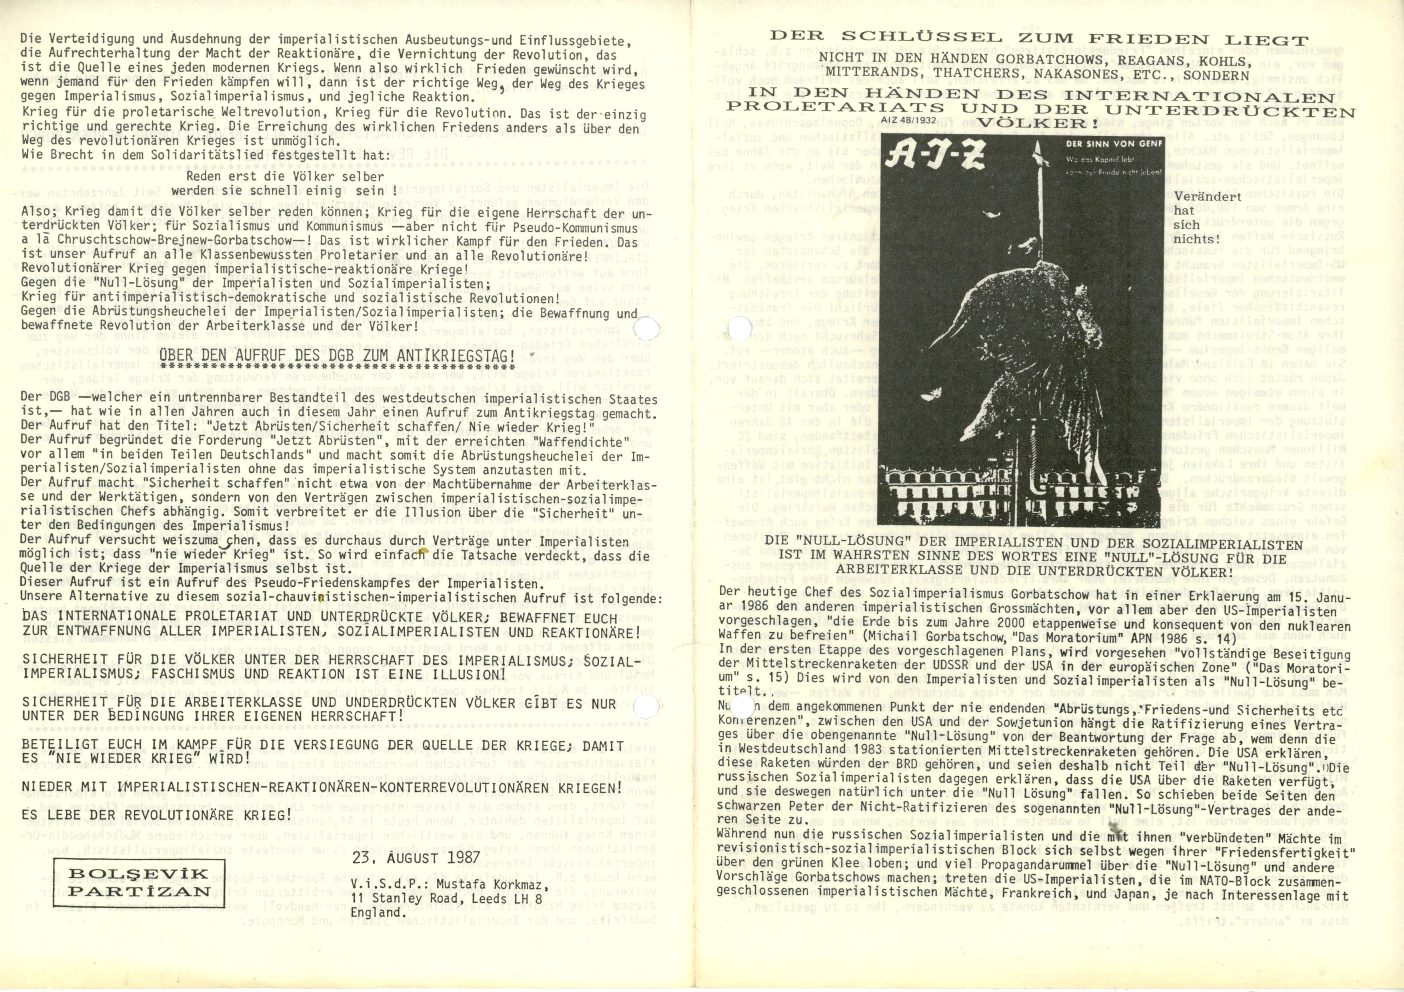 Tuerkei_Bolsevik_Partizan_Flugschriften_1987_12_01